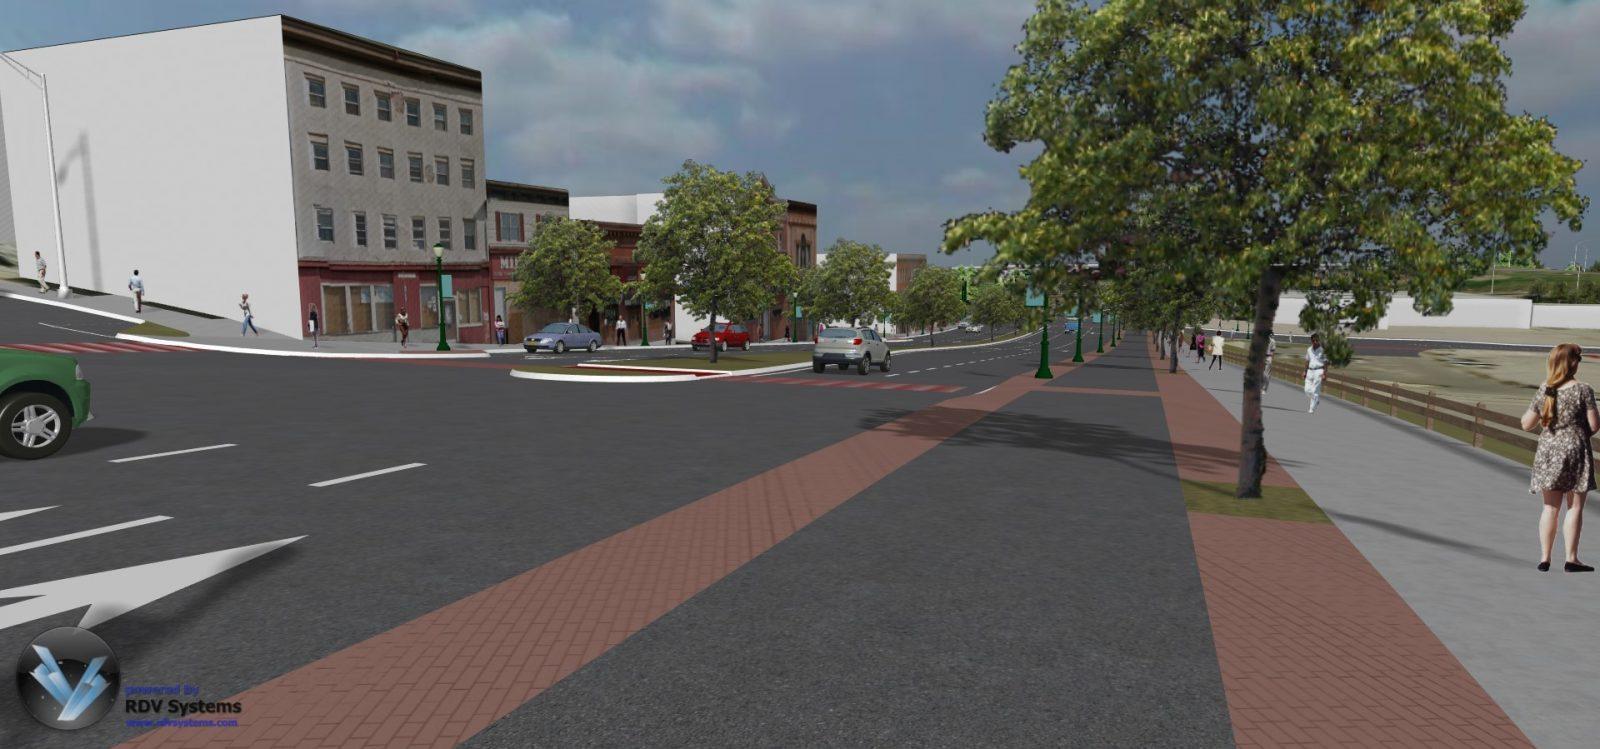 derby-sidewalk-1